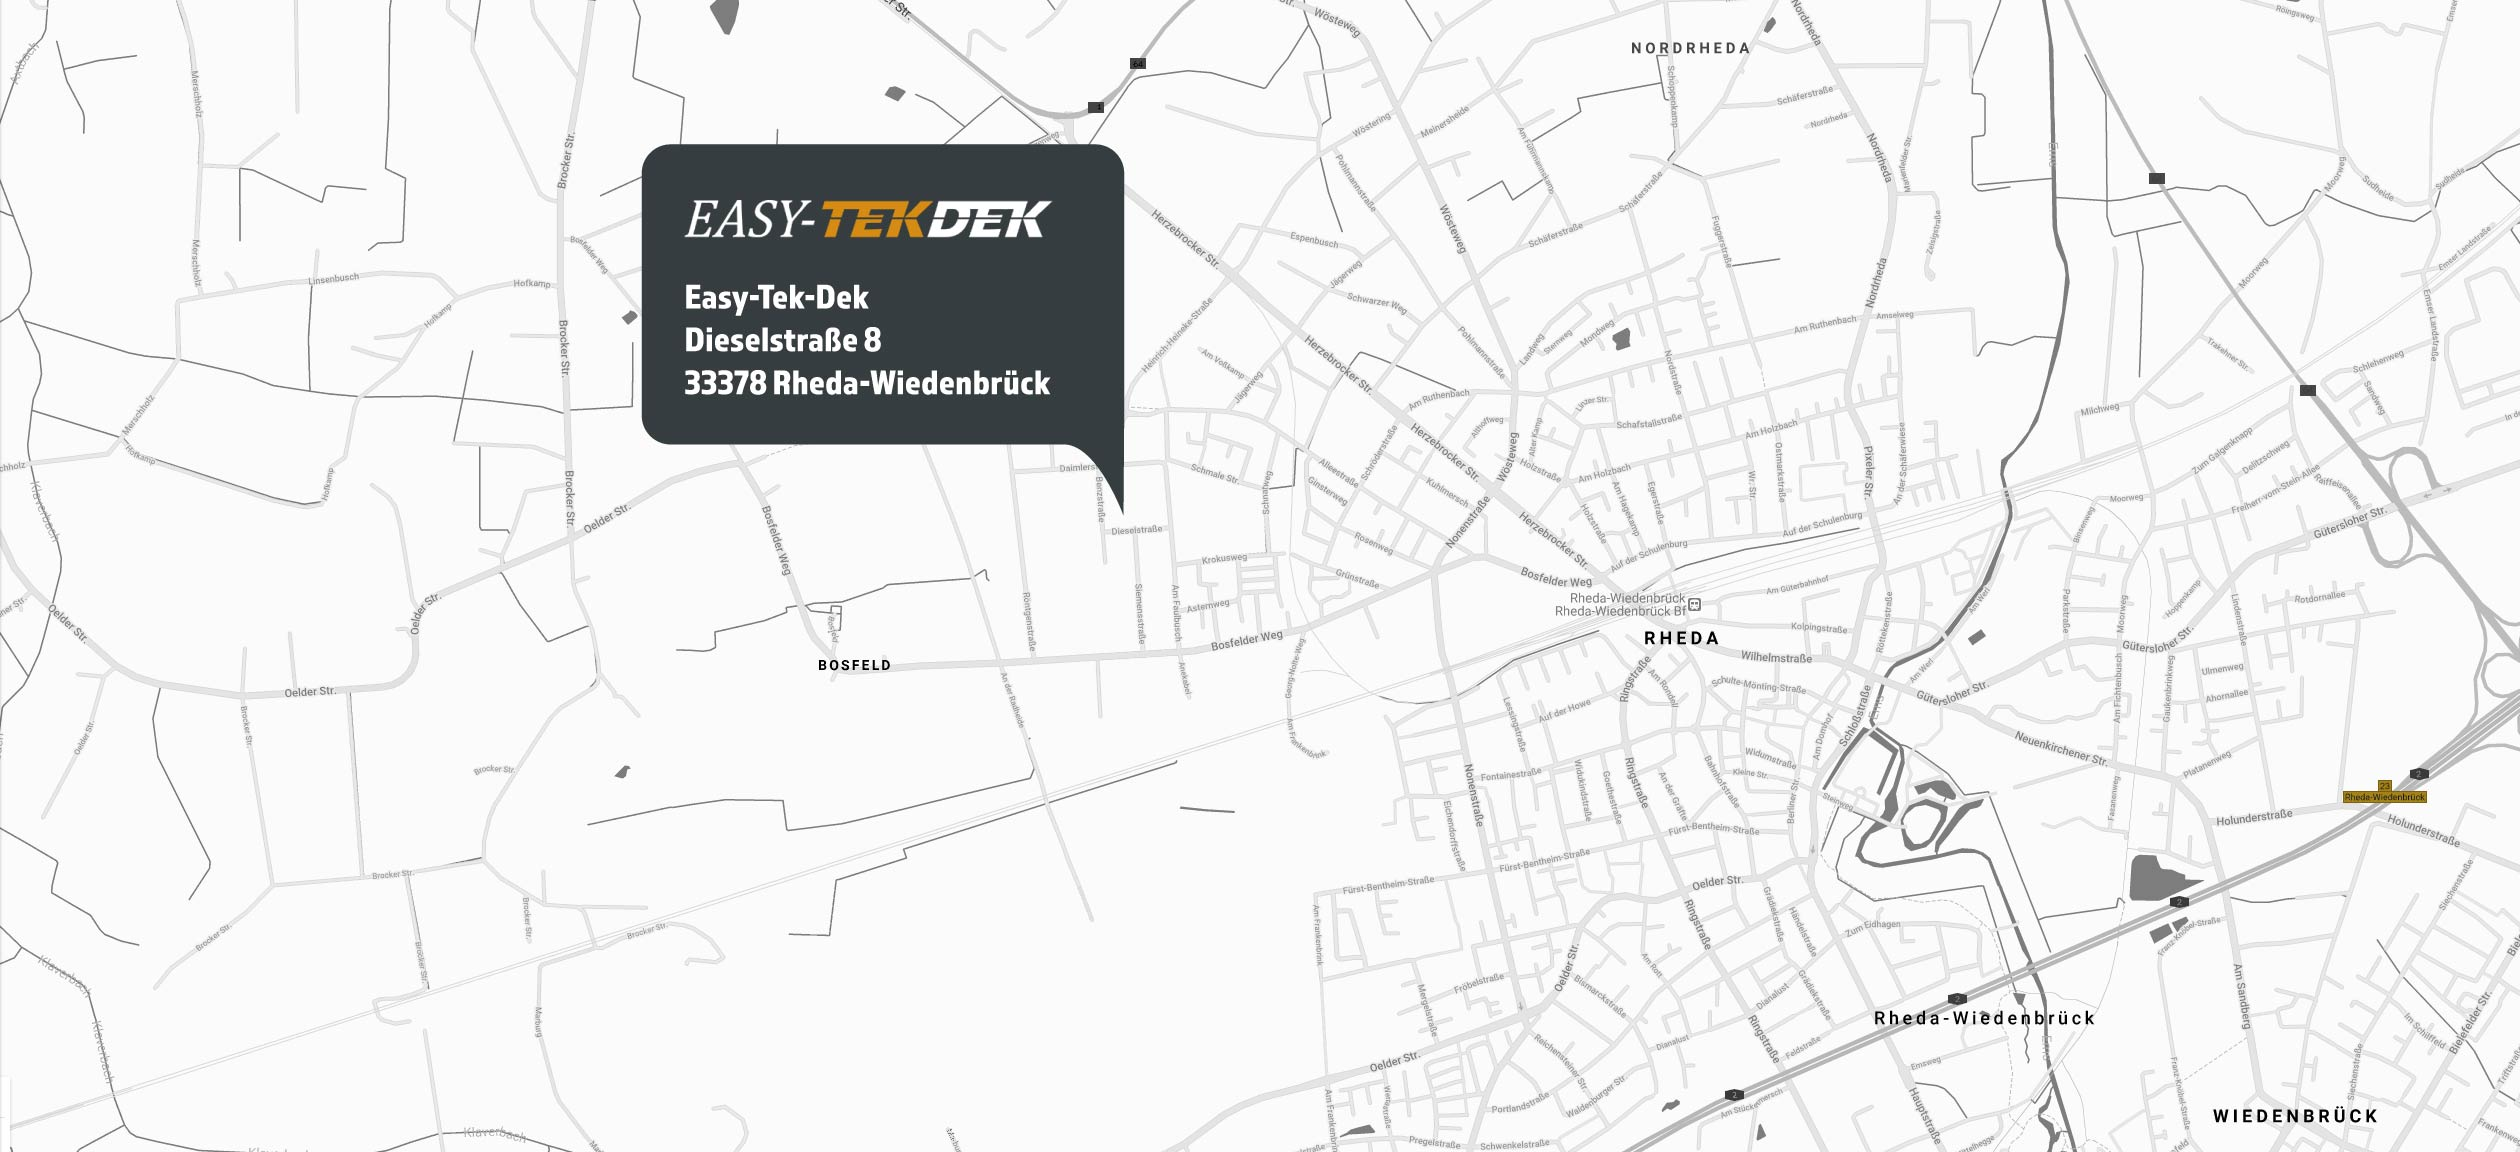 easy-tek-dek_map